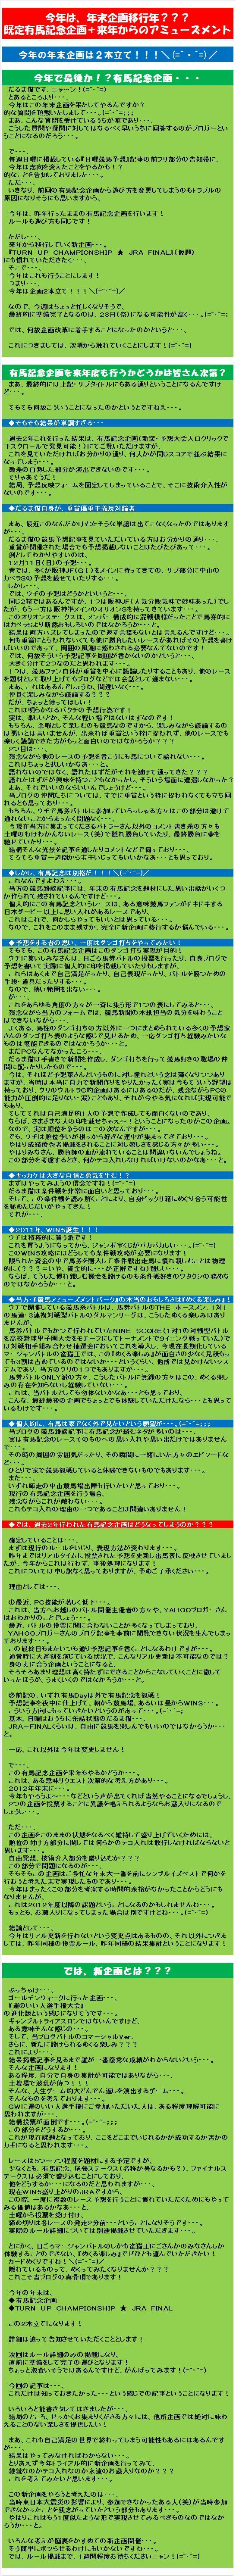 20111212・年末馬券予想ゲーム企画告知.jpg